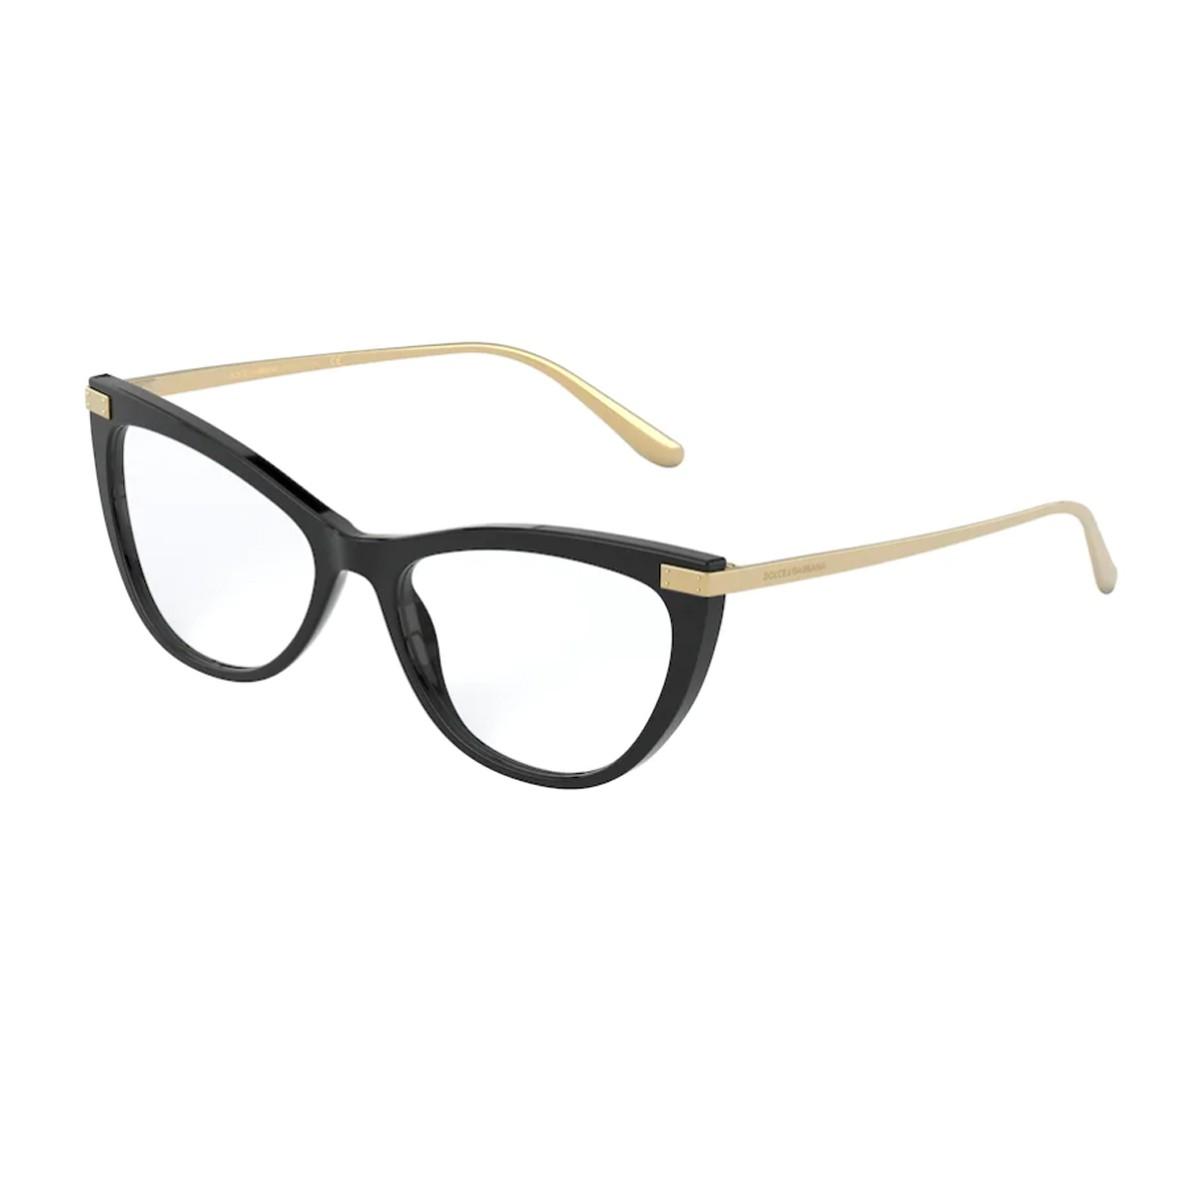 Dolce & Gabbana DG3329   Women's eyeglasses